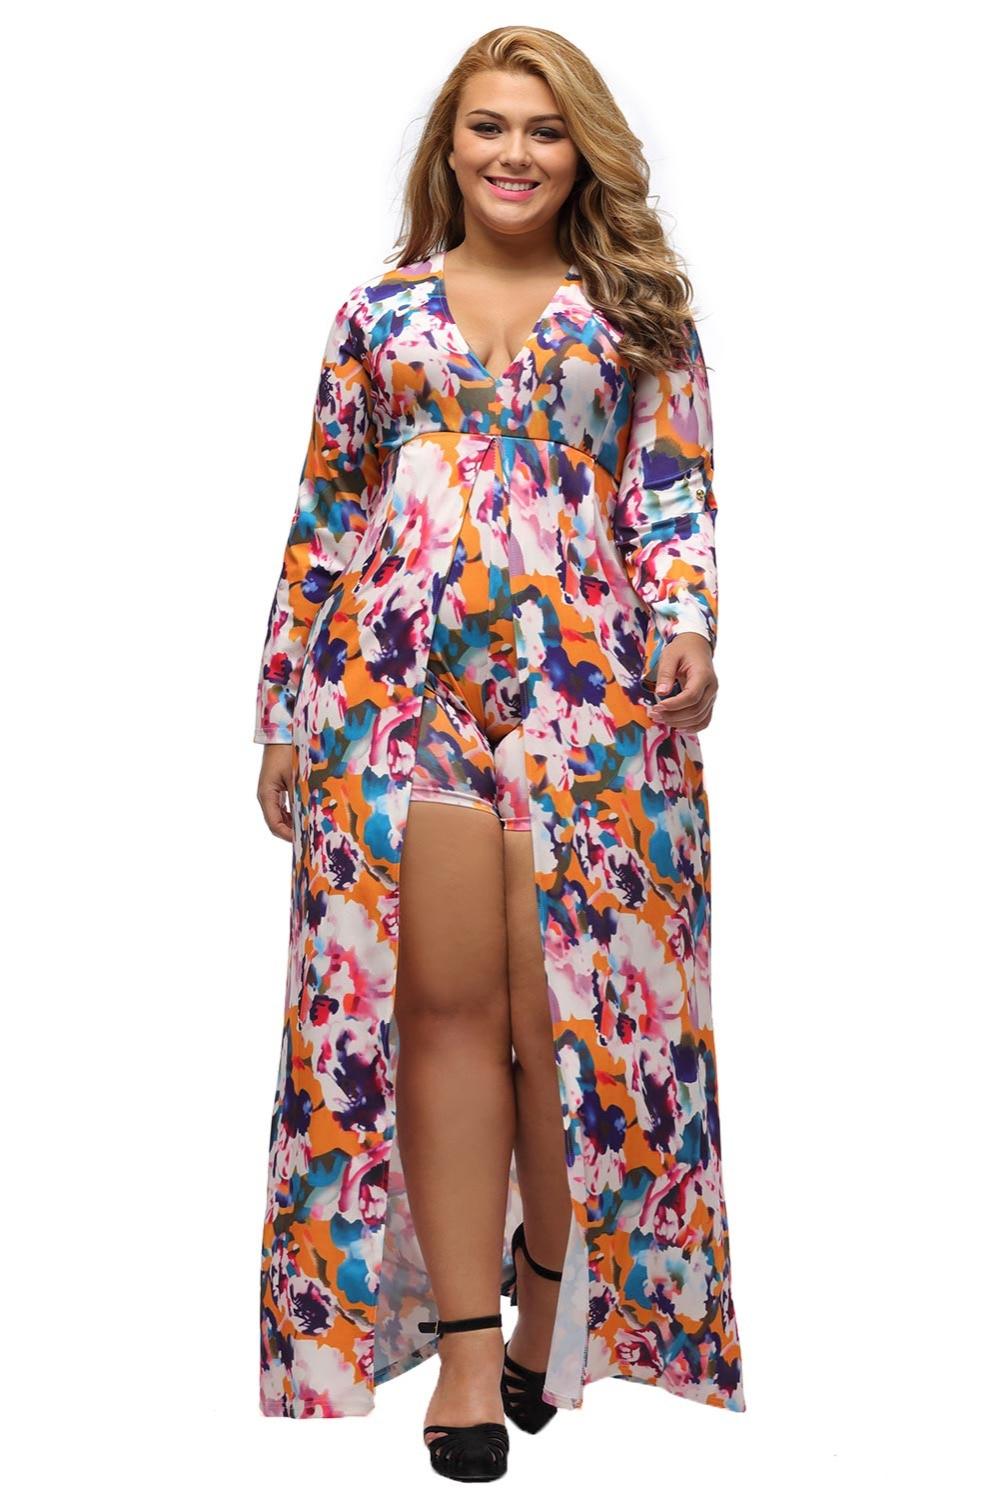 Primavera otoño estilo elegante sexy playsuit ropa Mujer